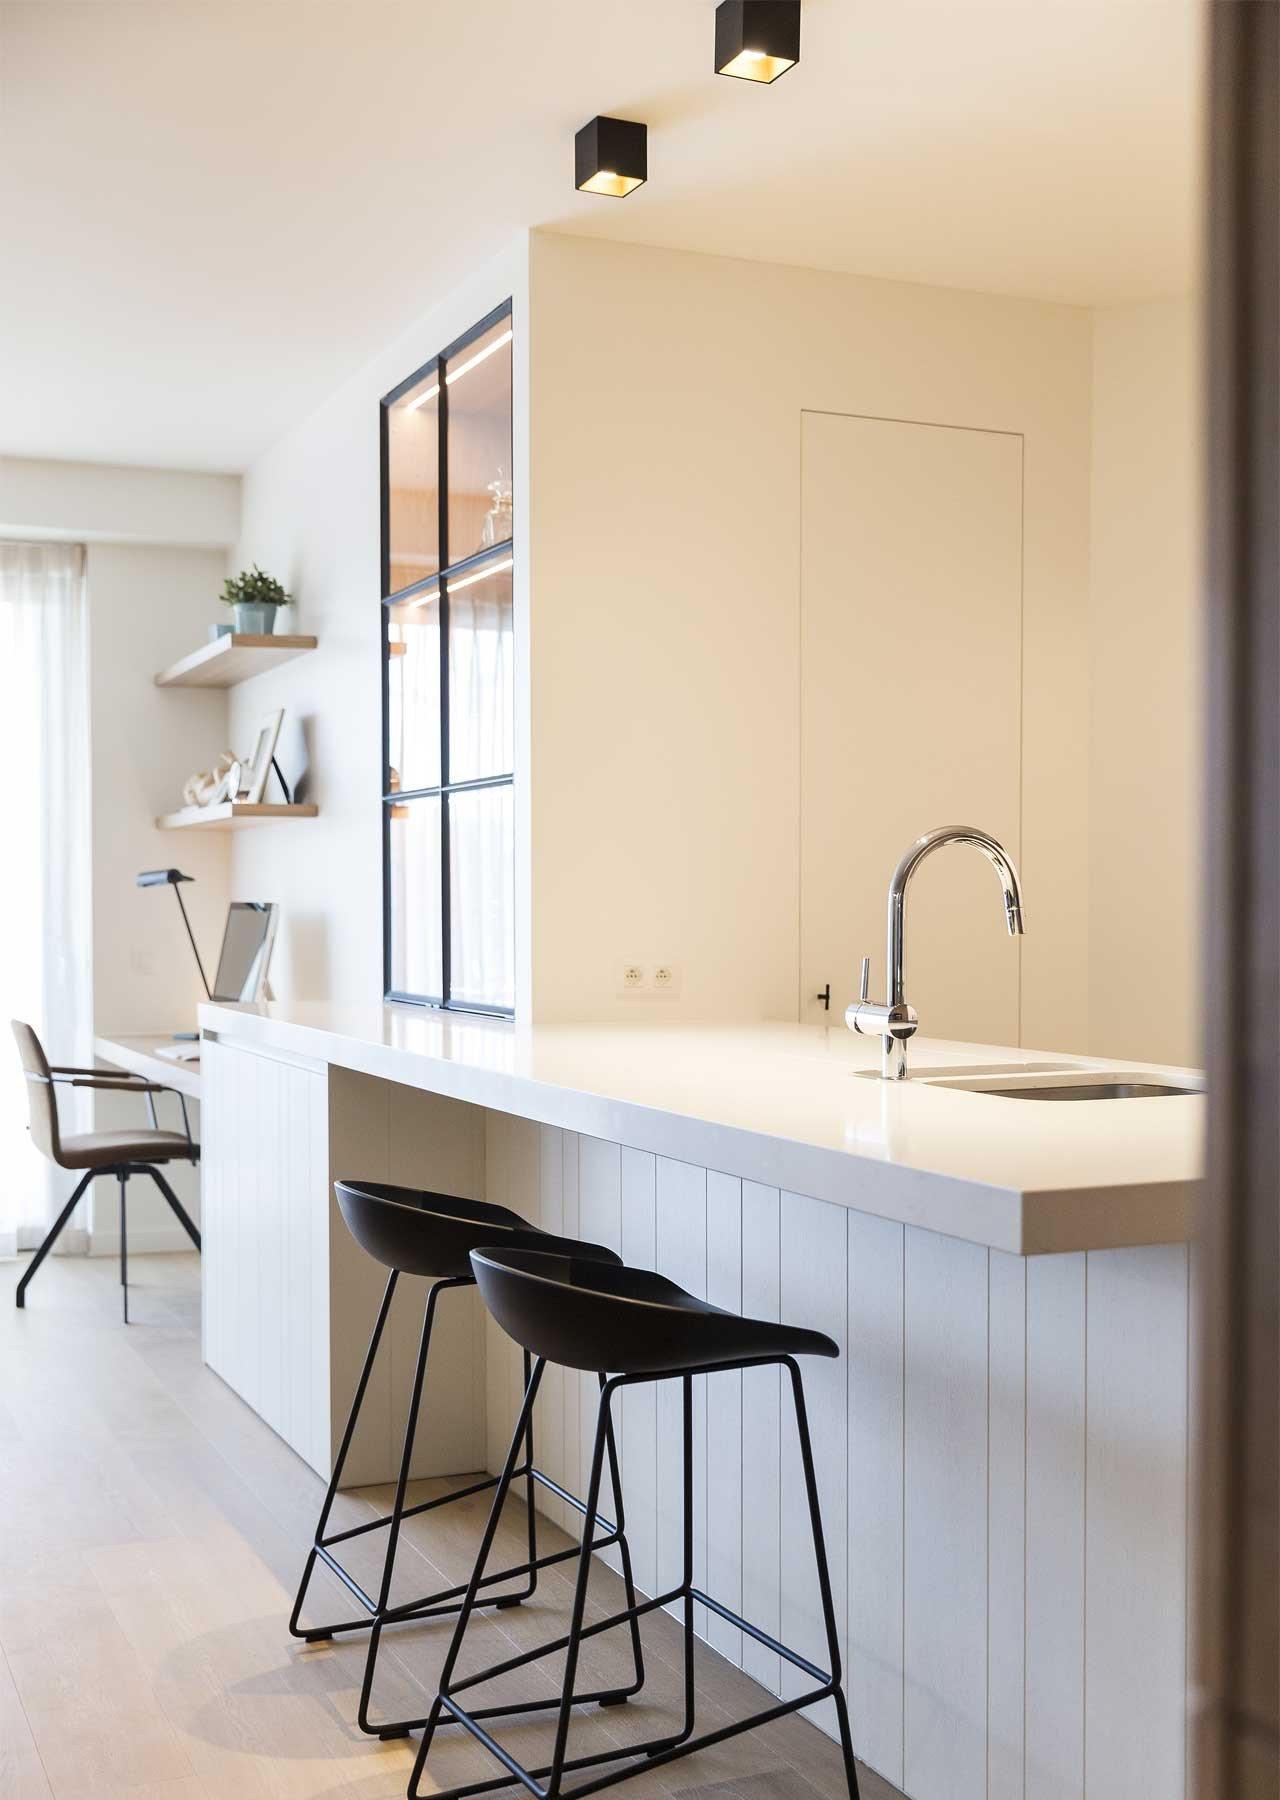 Totaalinrichting-appartement-Kortrijk-4.jpg